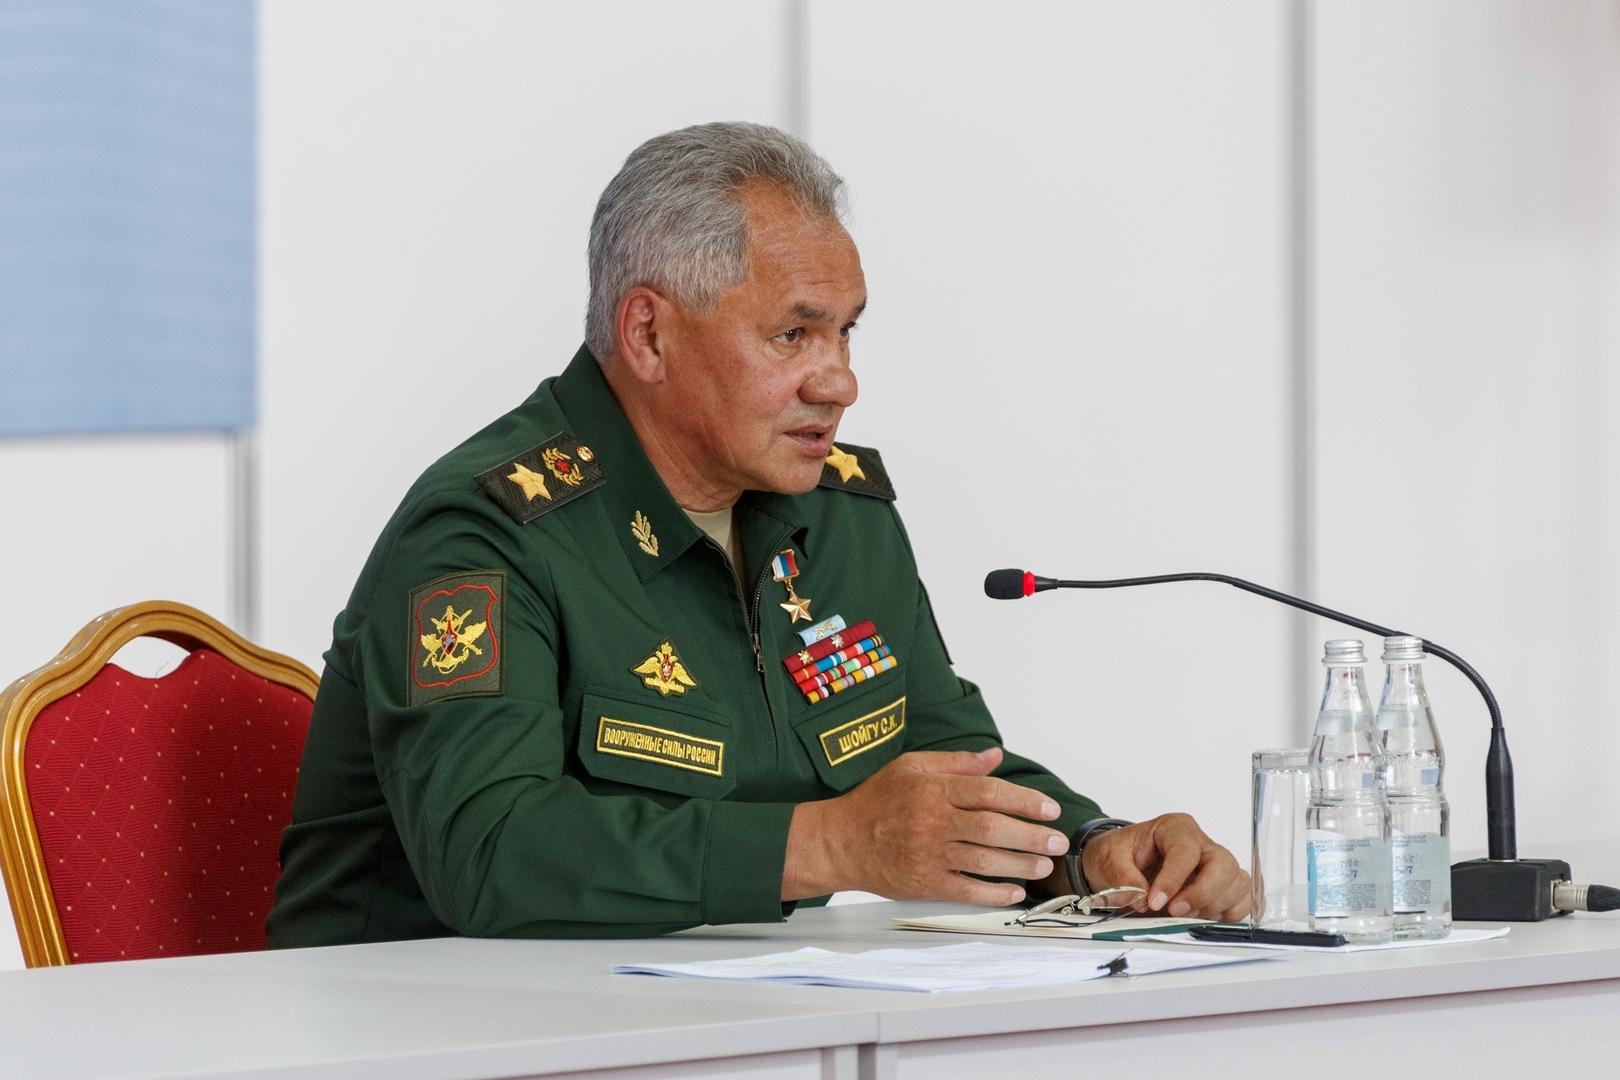 روسيا وطاجيكستان تناقشان الوضع على الحدود الأفغانية الطاجيكية